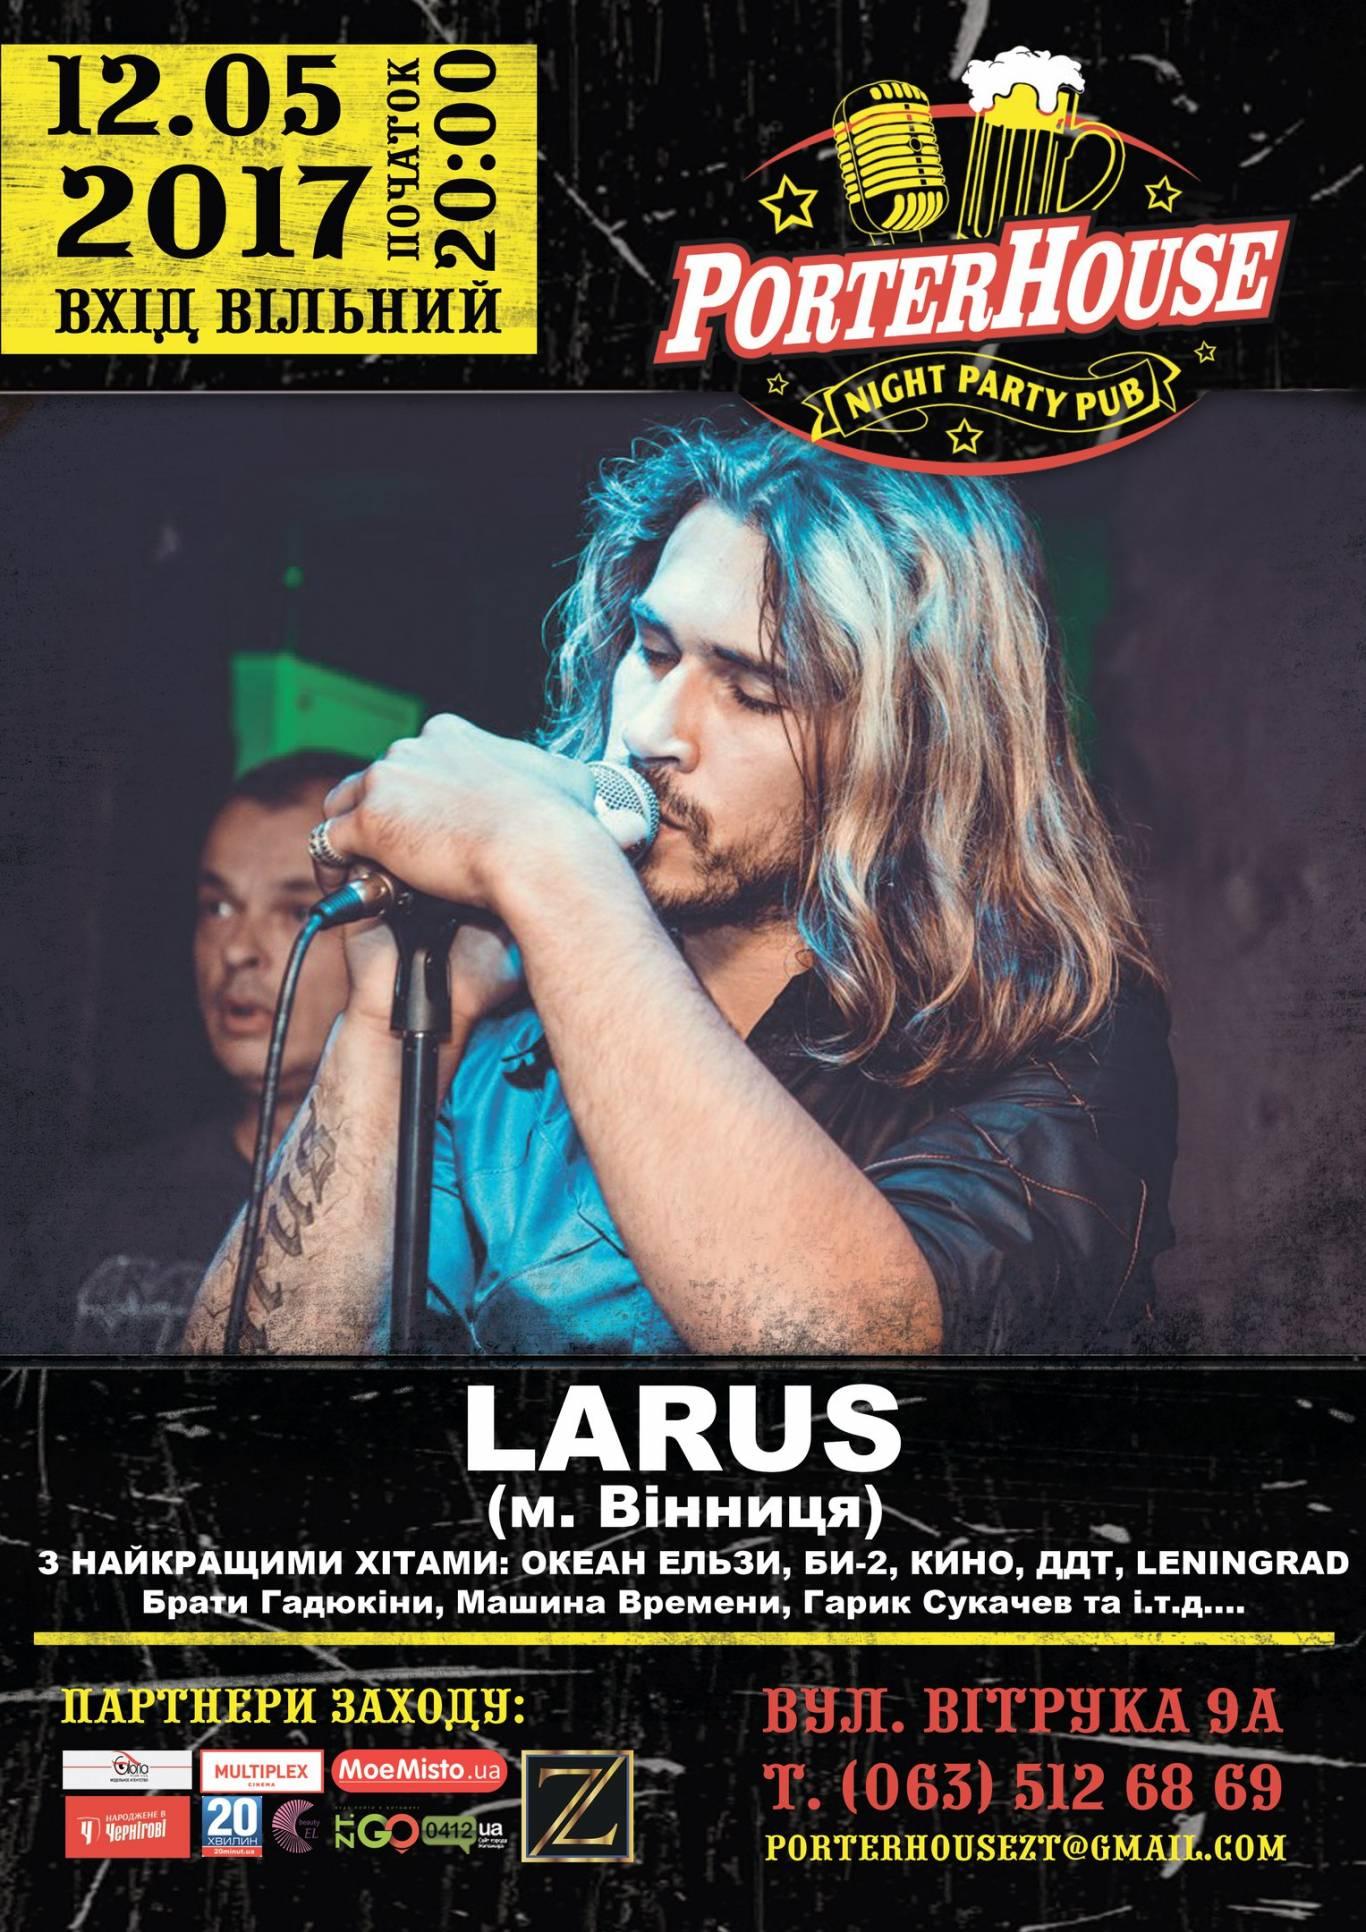 LARUS/12.05/Porterhouse